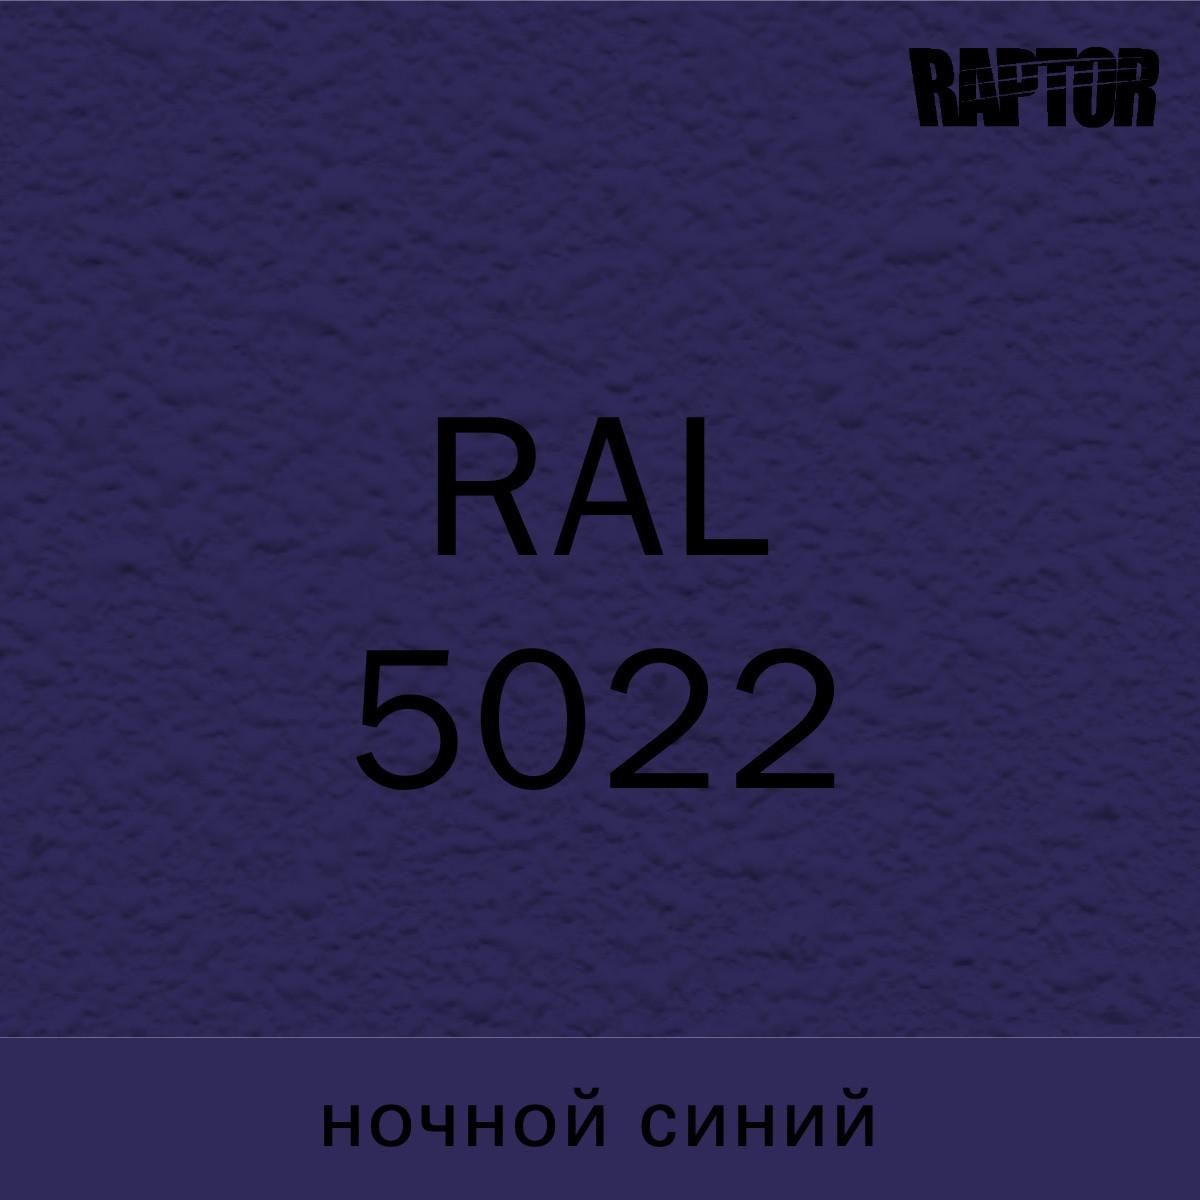 Пигмент для колеровки покрытия RAPTOR™ Ночной синий (RAL 5022)